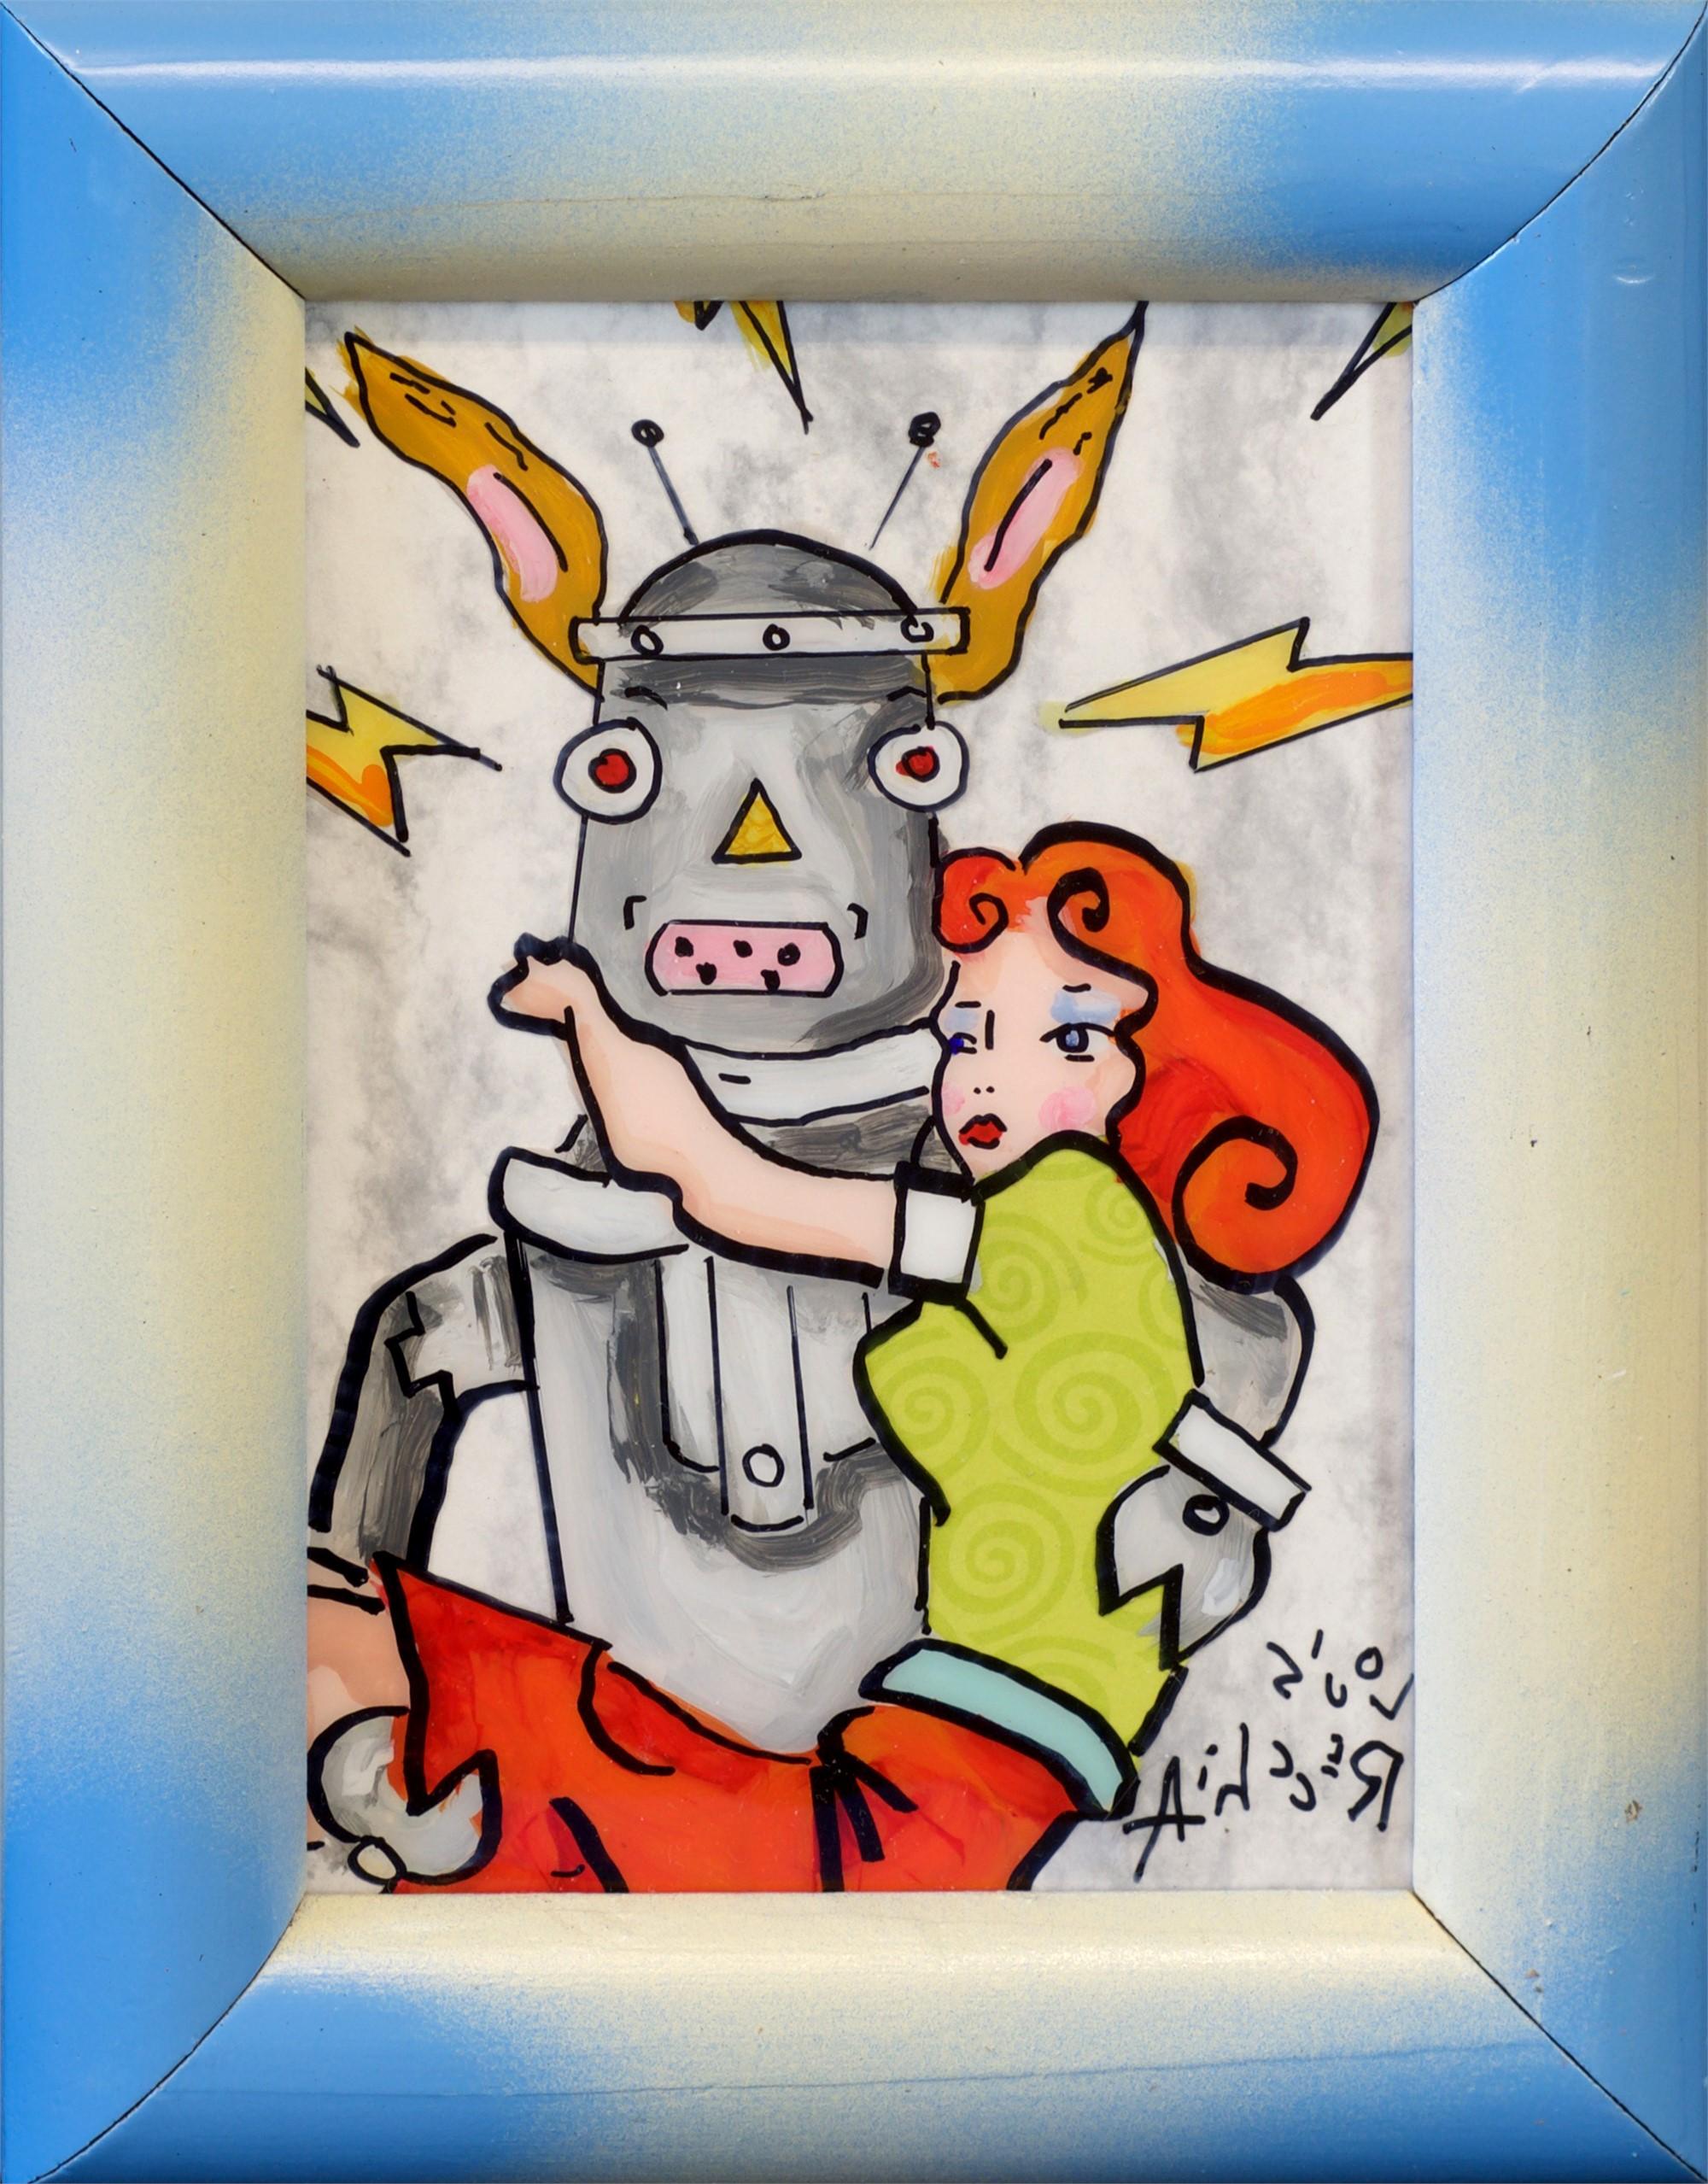 Robot Rescue by Louis Recchia